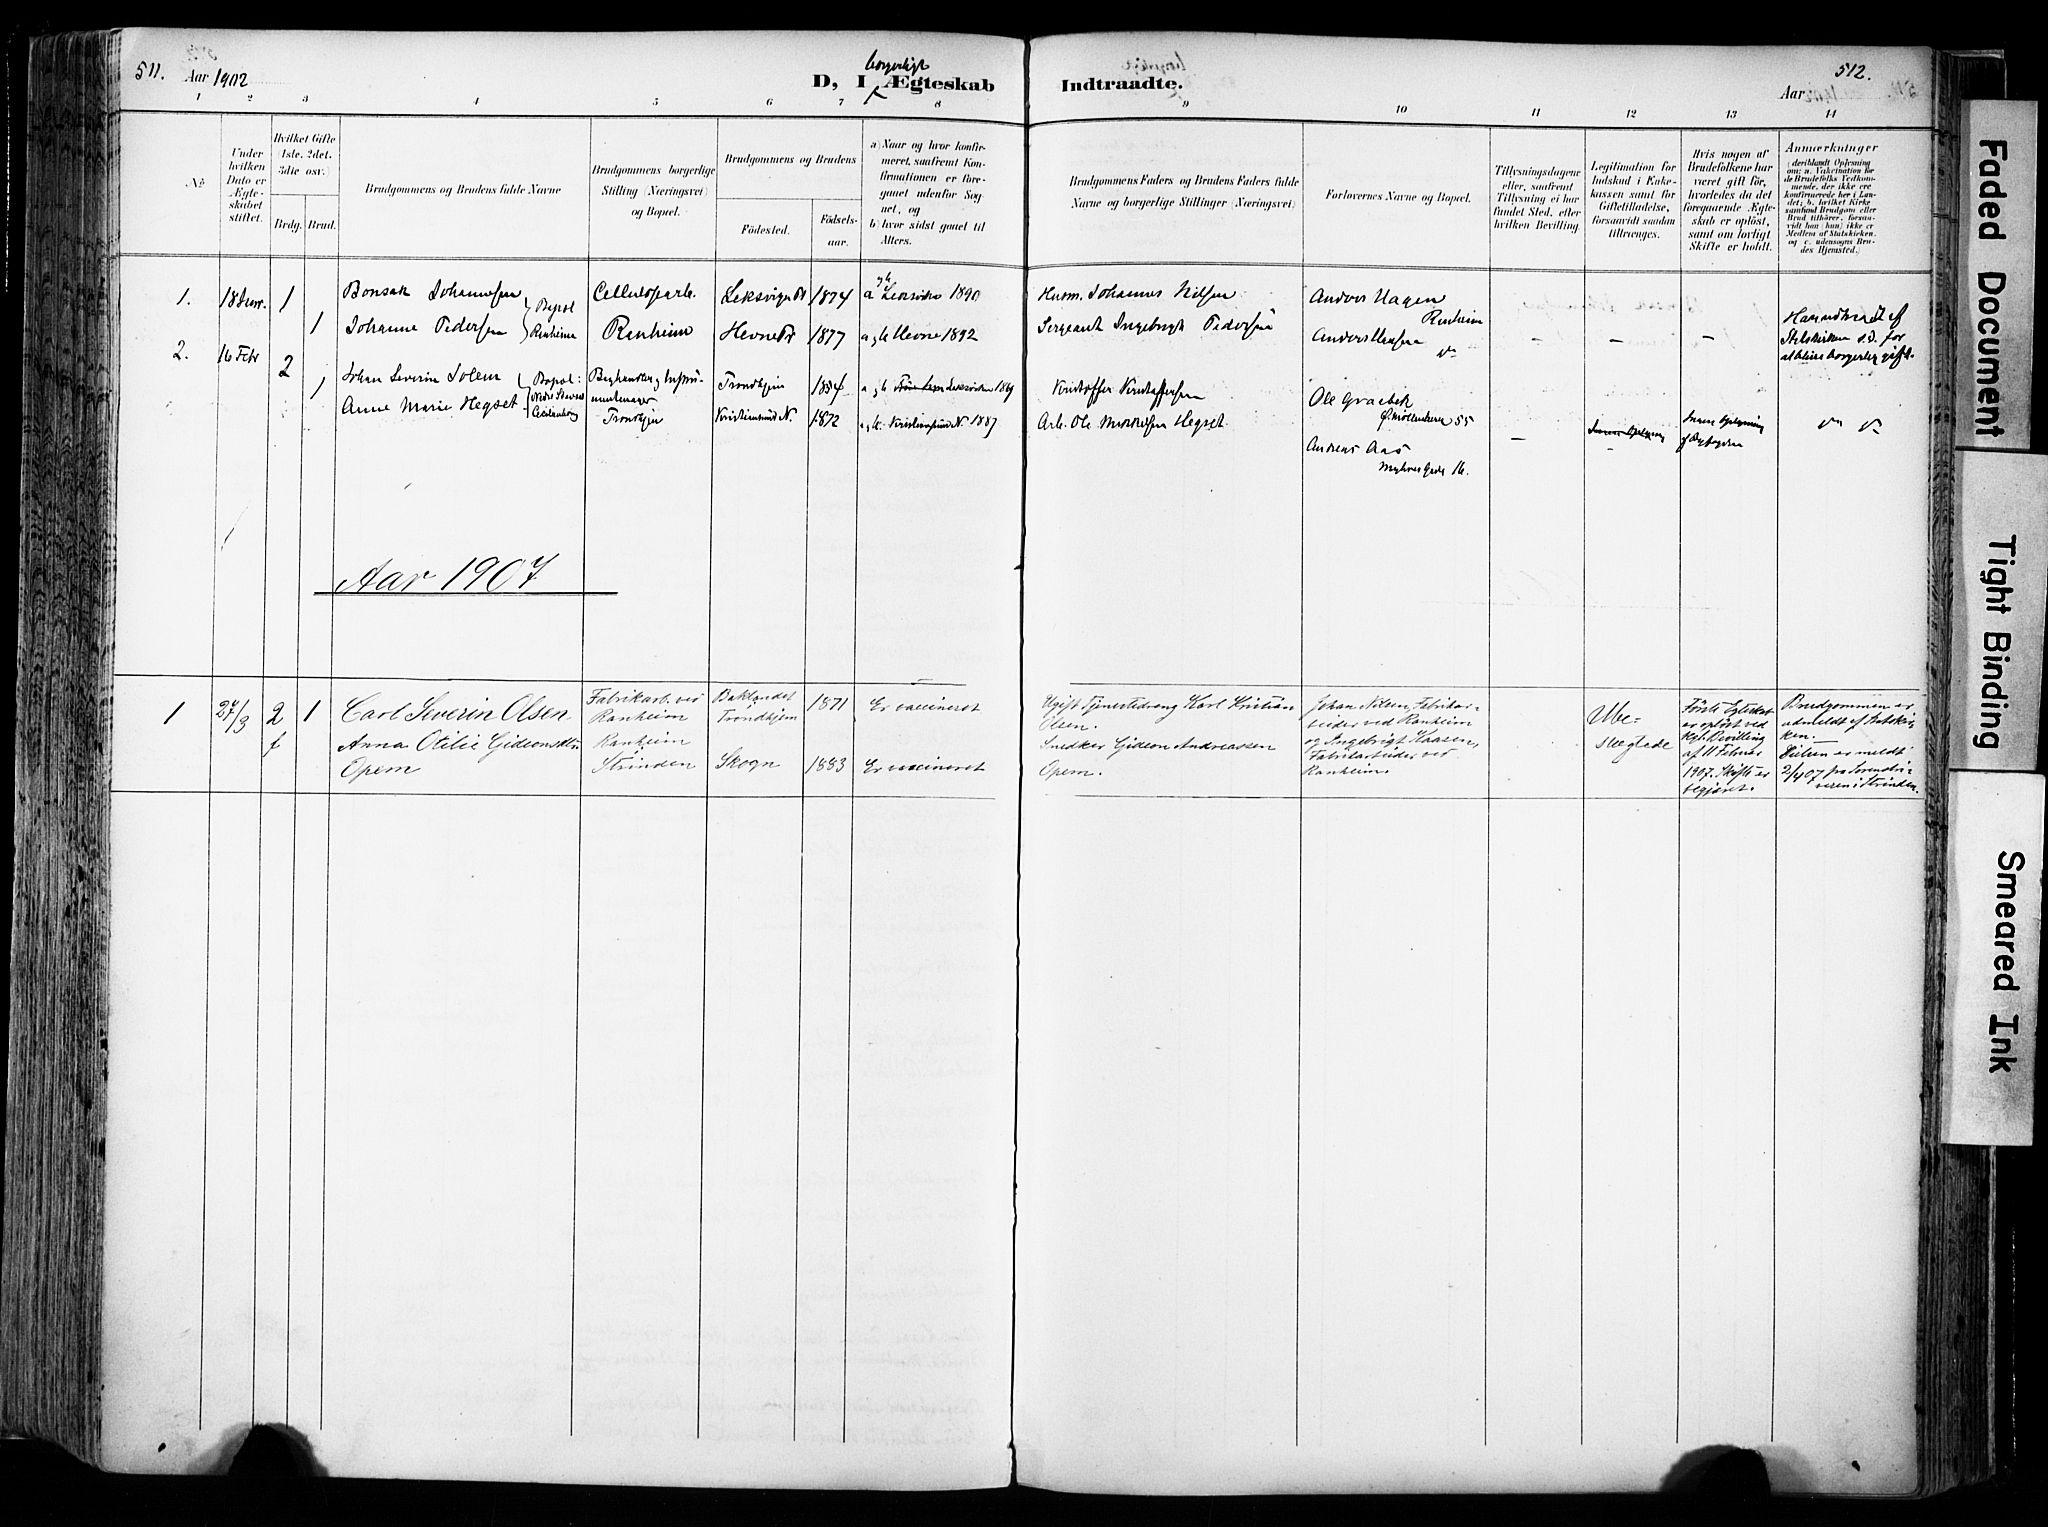 SAT, Ministerialprotokoller, klokkerbøker og fødselsregistre - Sør-Trøndelag, 606/L0301: Ministerialbok nr. 606A16, 1894-1907, s. 511-512